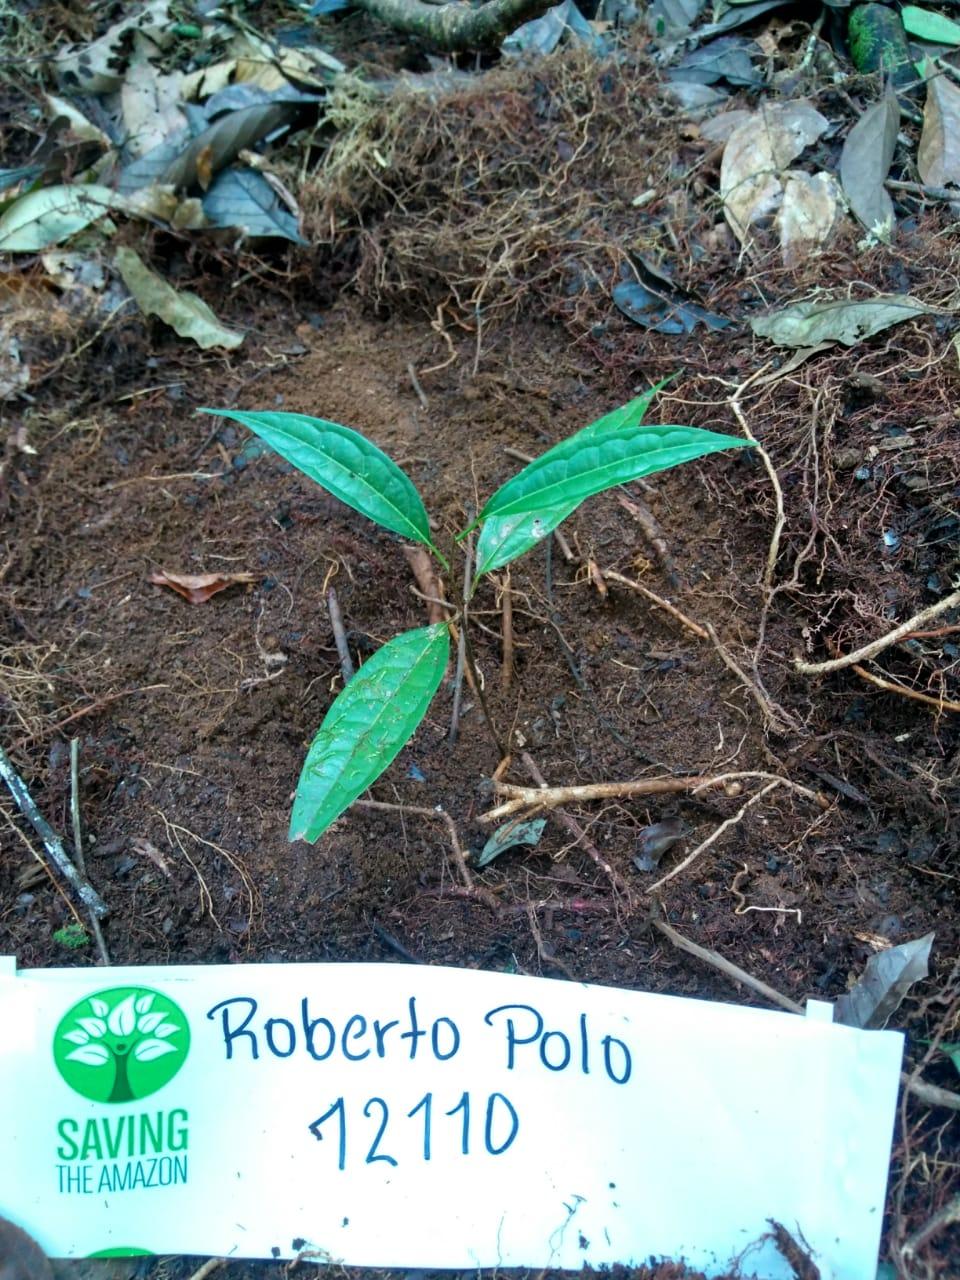 Roberto Polo